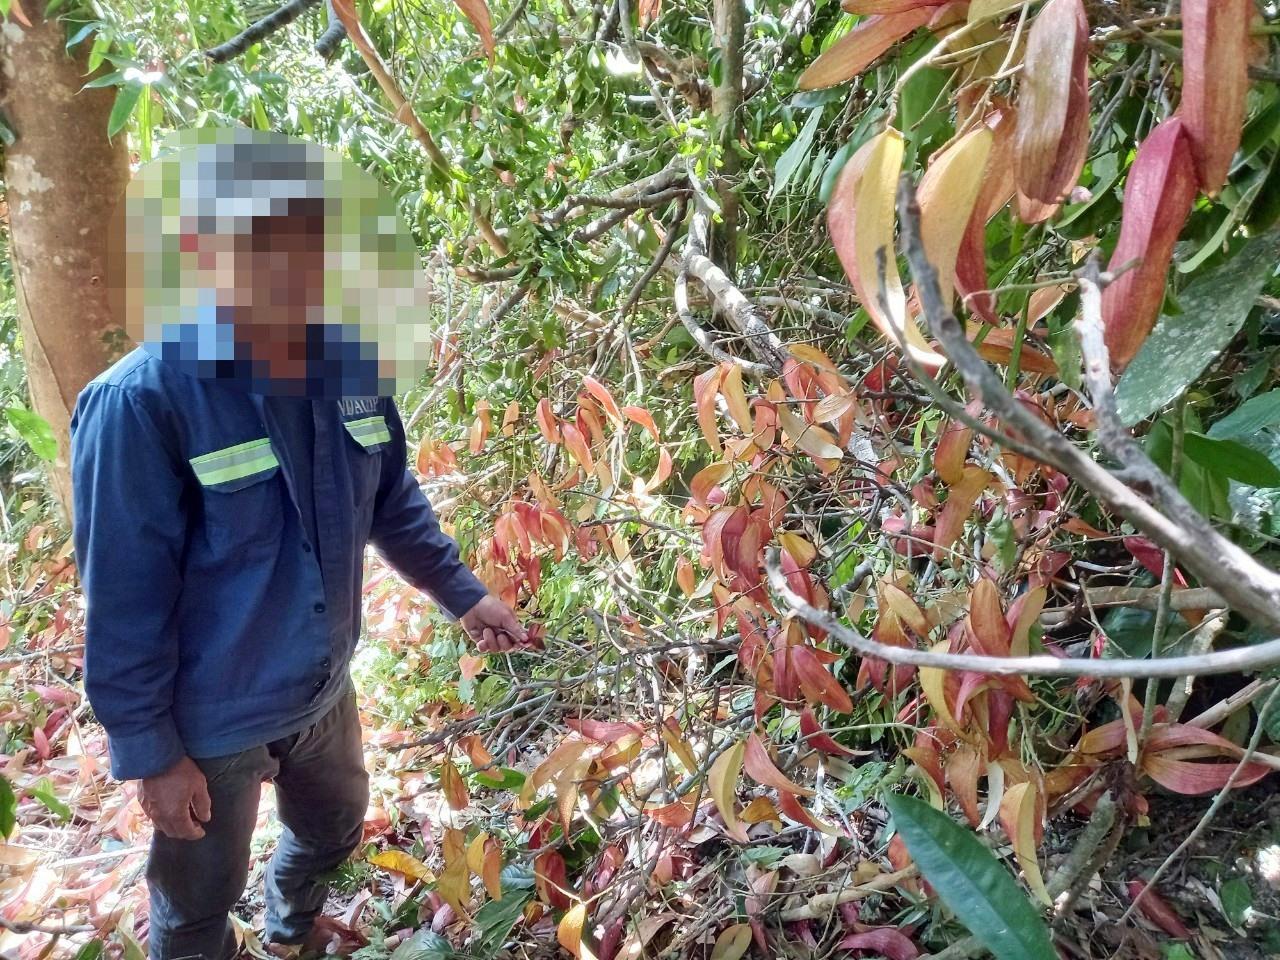 Hành vi chặt hạ cây ươi để lấy quả sẽ bị cơ quan chức năng huyện Phước Sơn xử lý nghiêm.